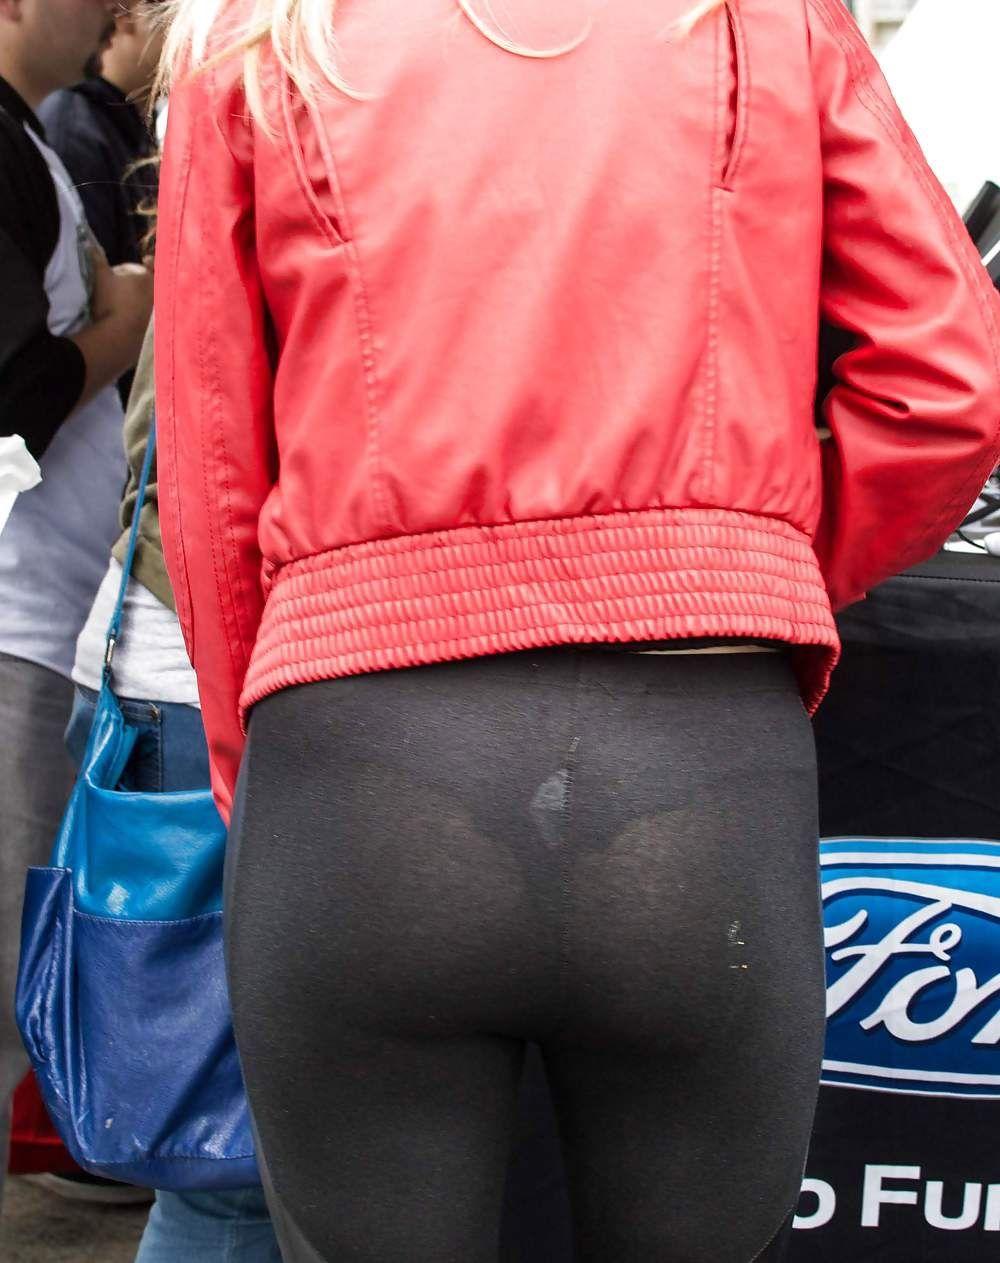 oops pants unzipped women